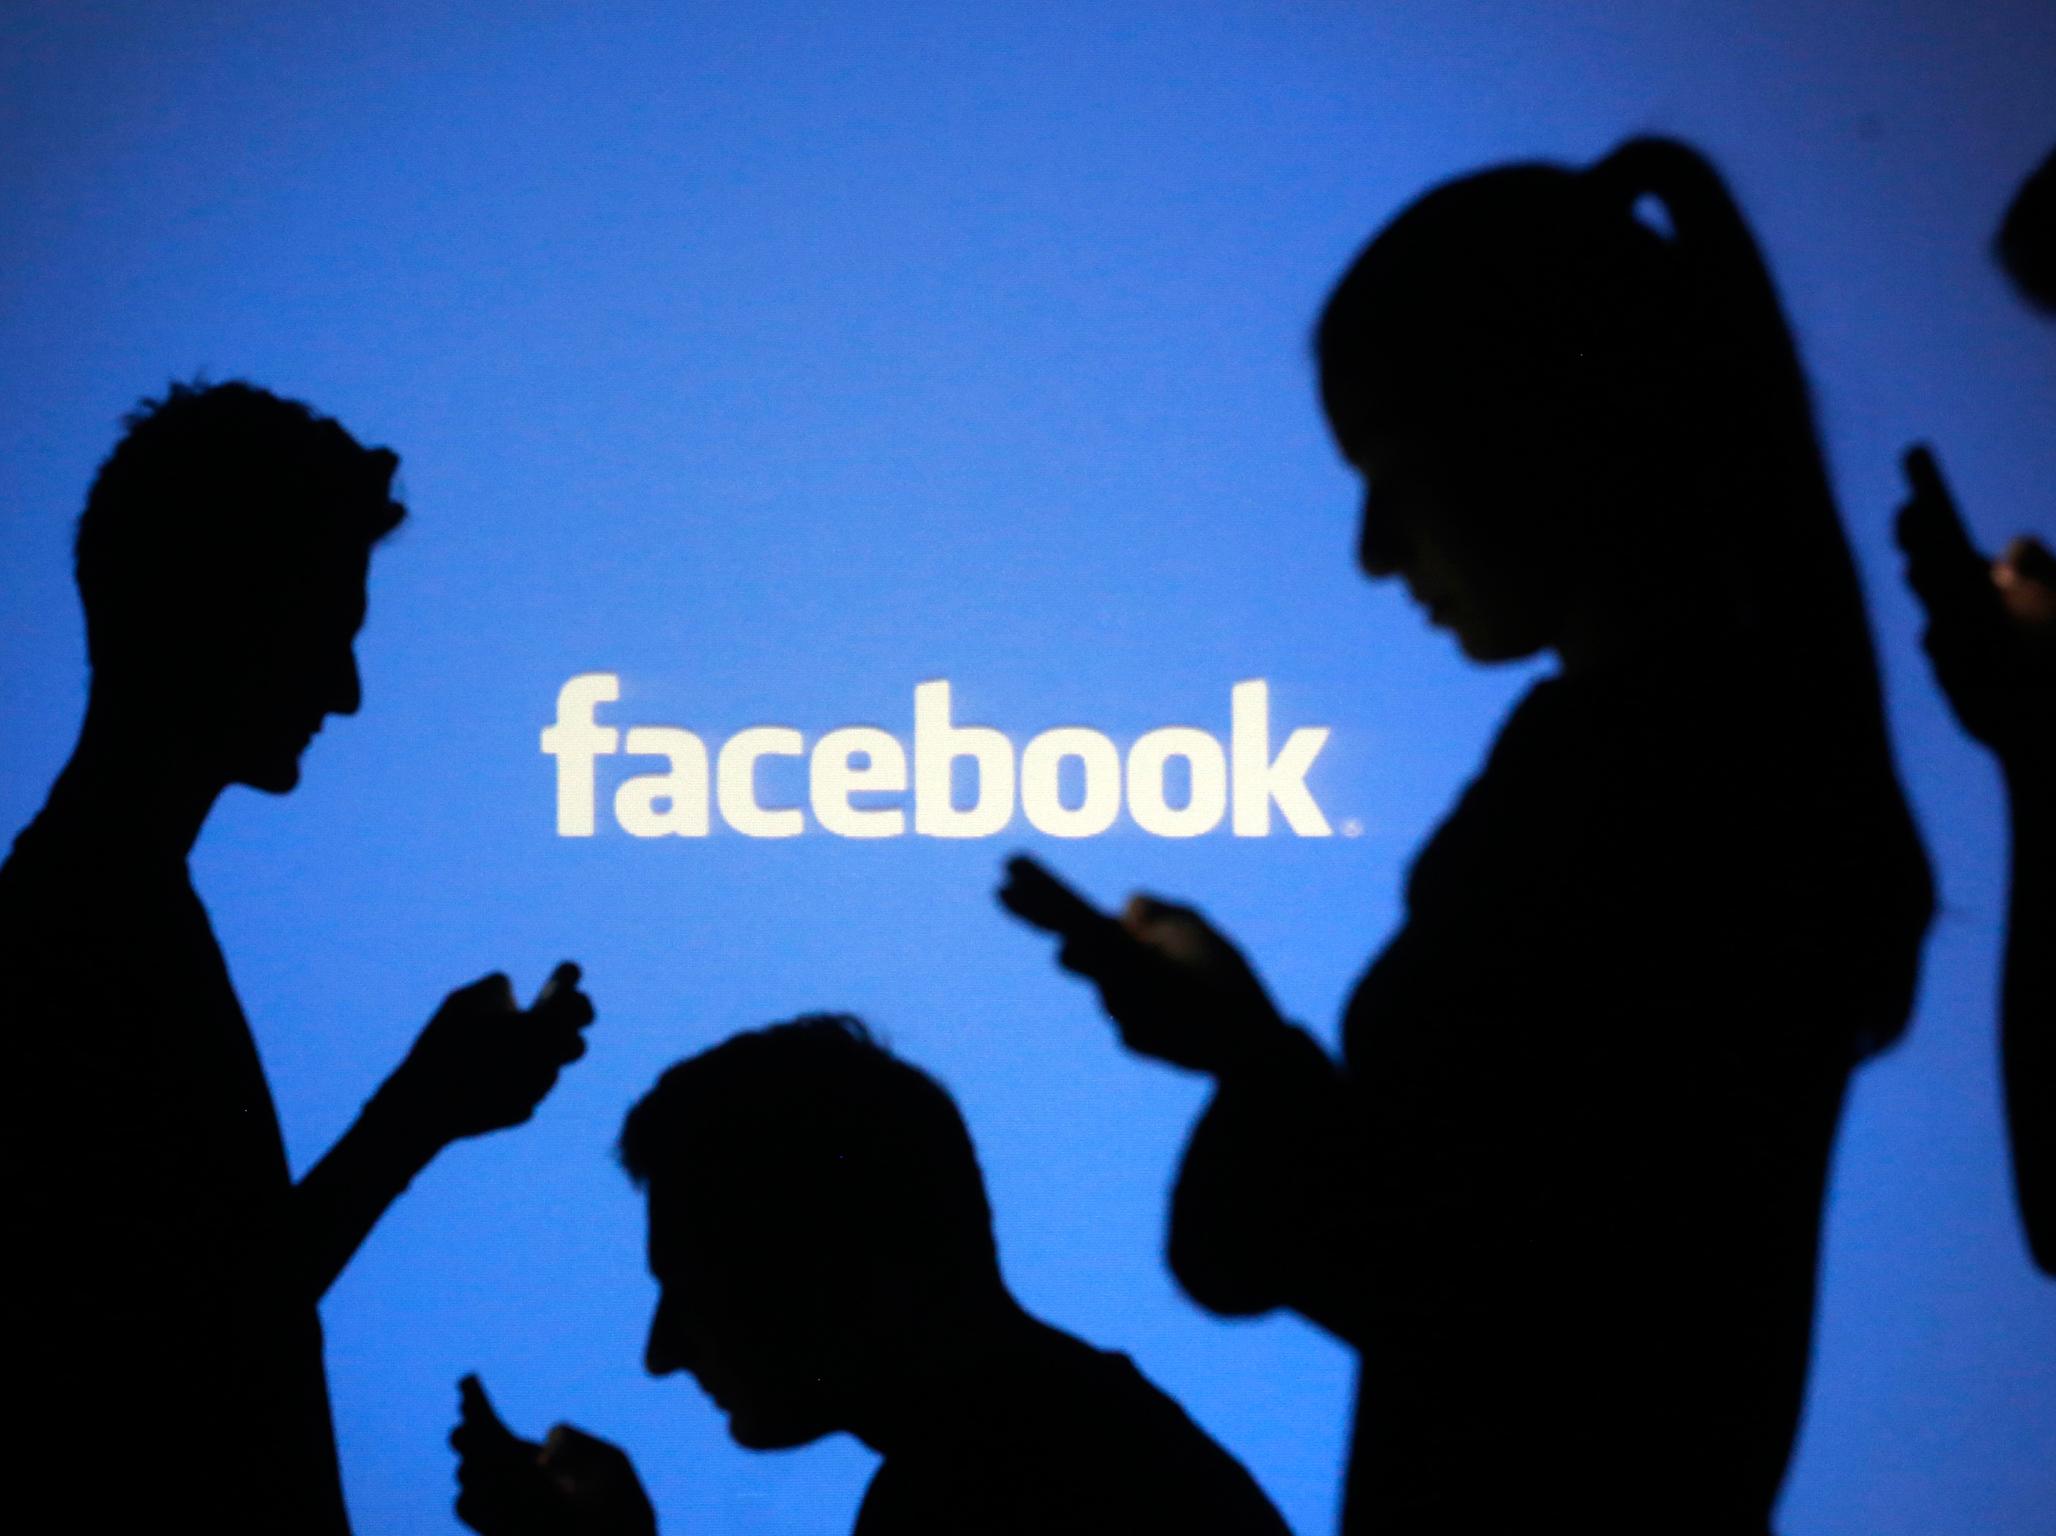 ફેસબુક પર જોવા મળશે ટીવી શોના એપિસોડ